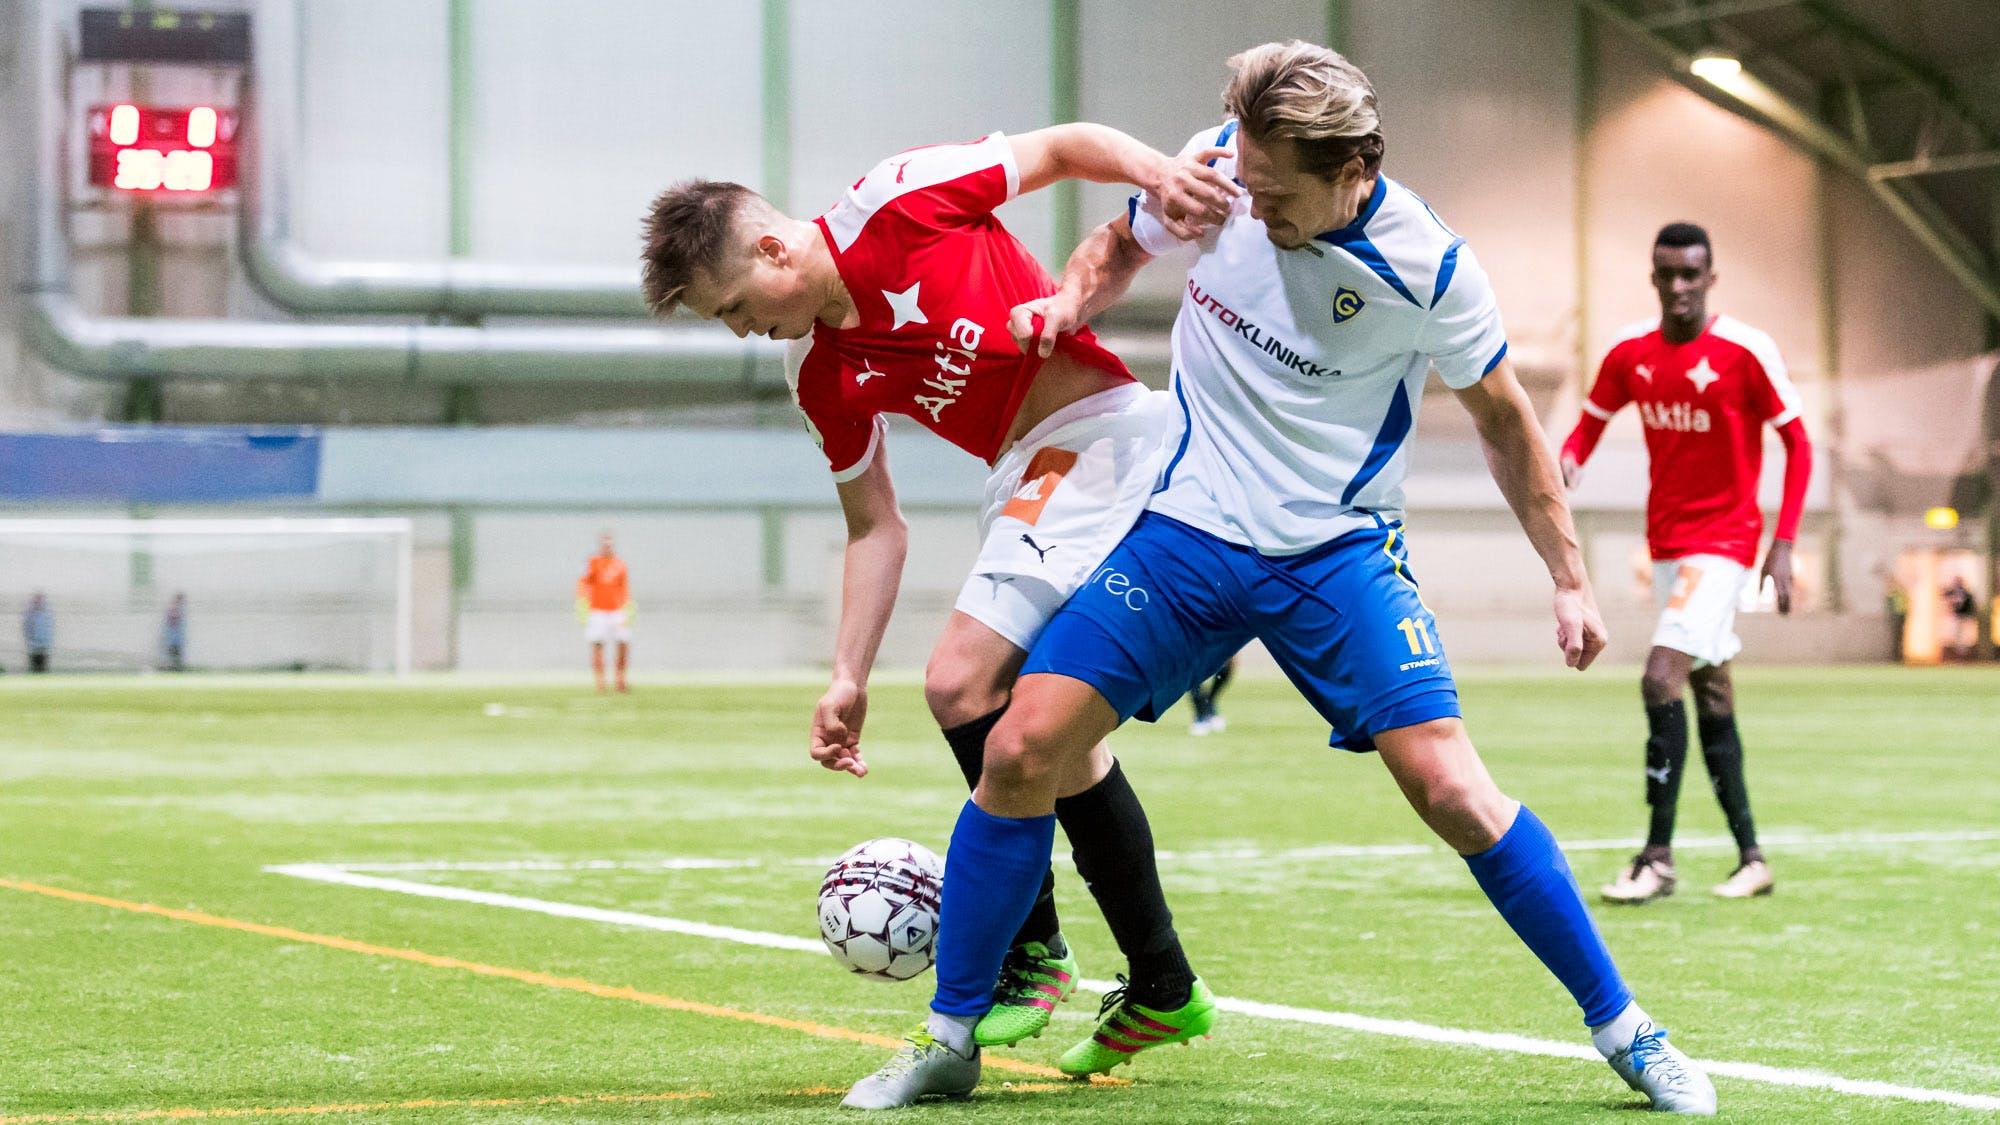 HIFK ja IF Gnistan kohtaavat perjantai-iltana Suomen Cupin avausottelussa